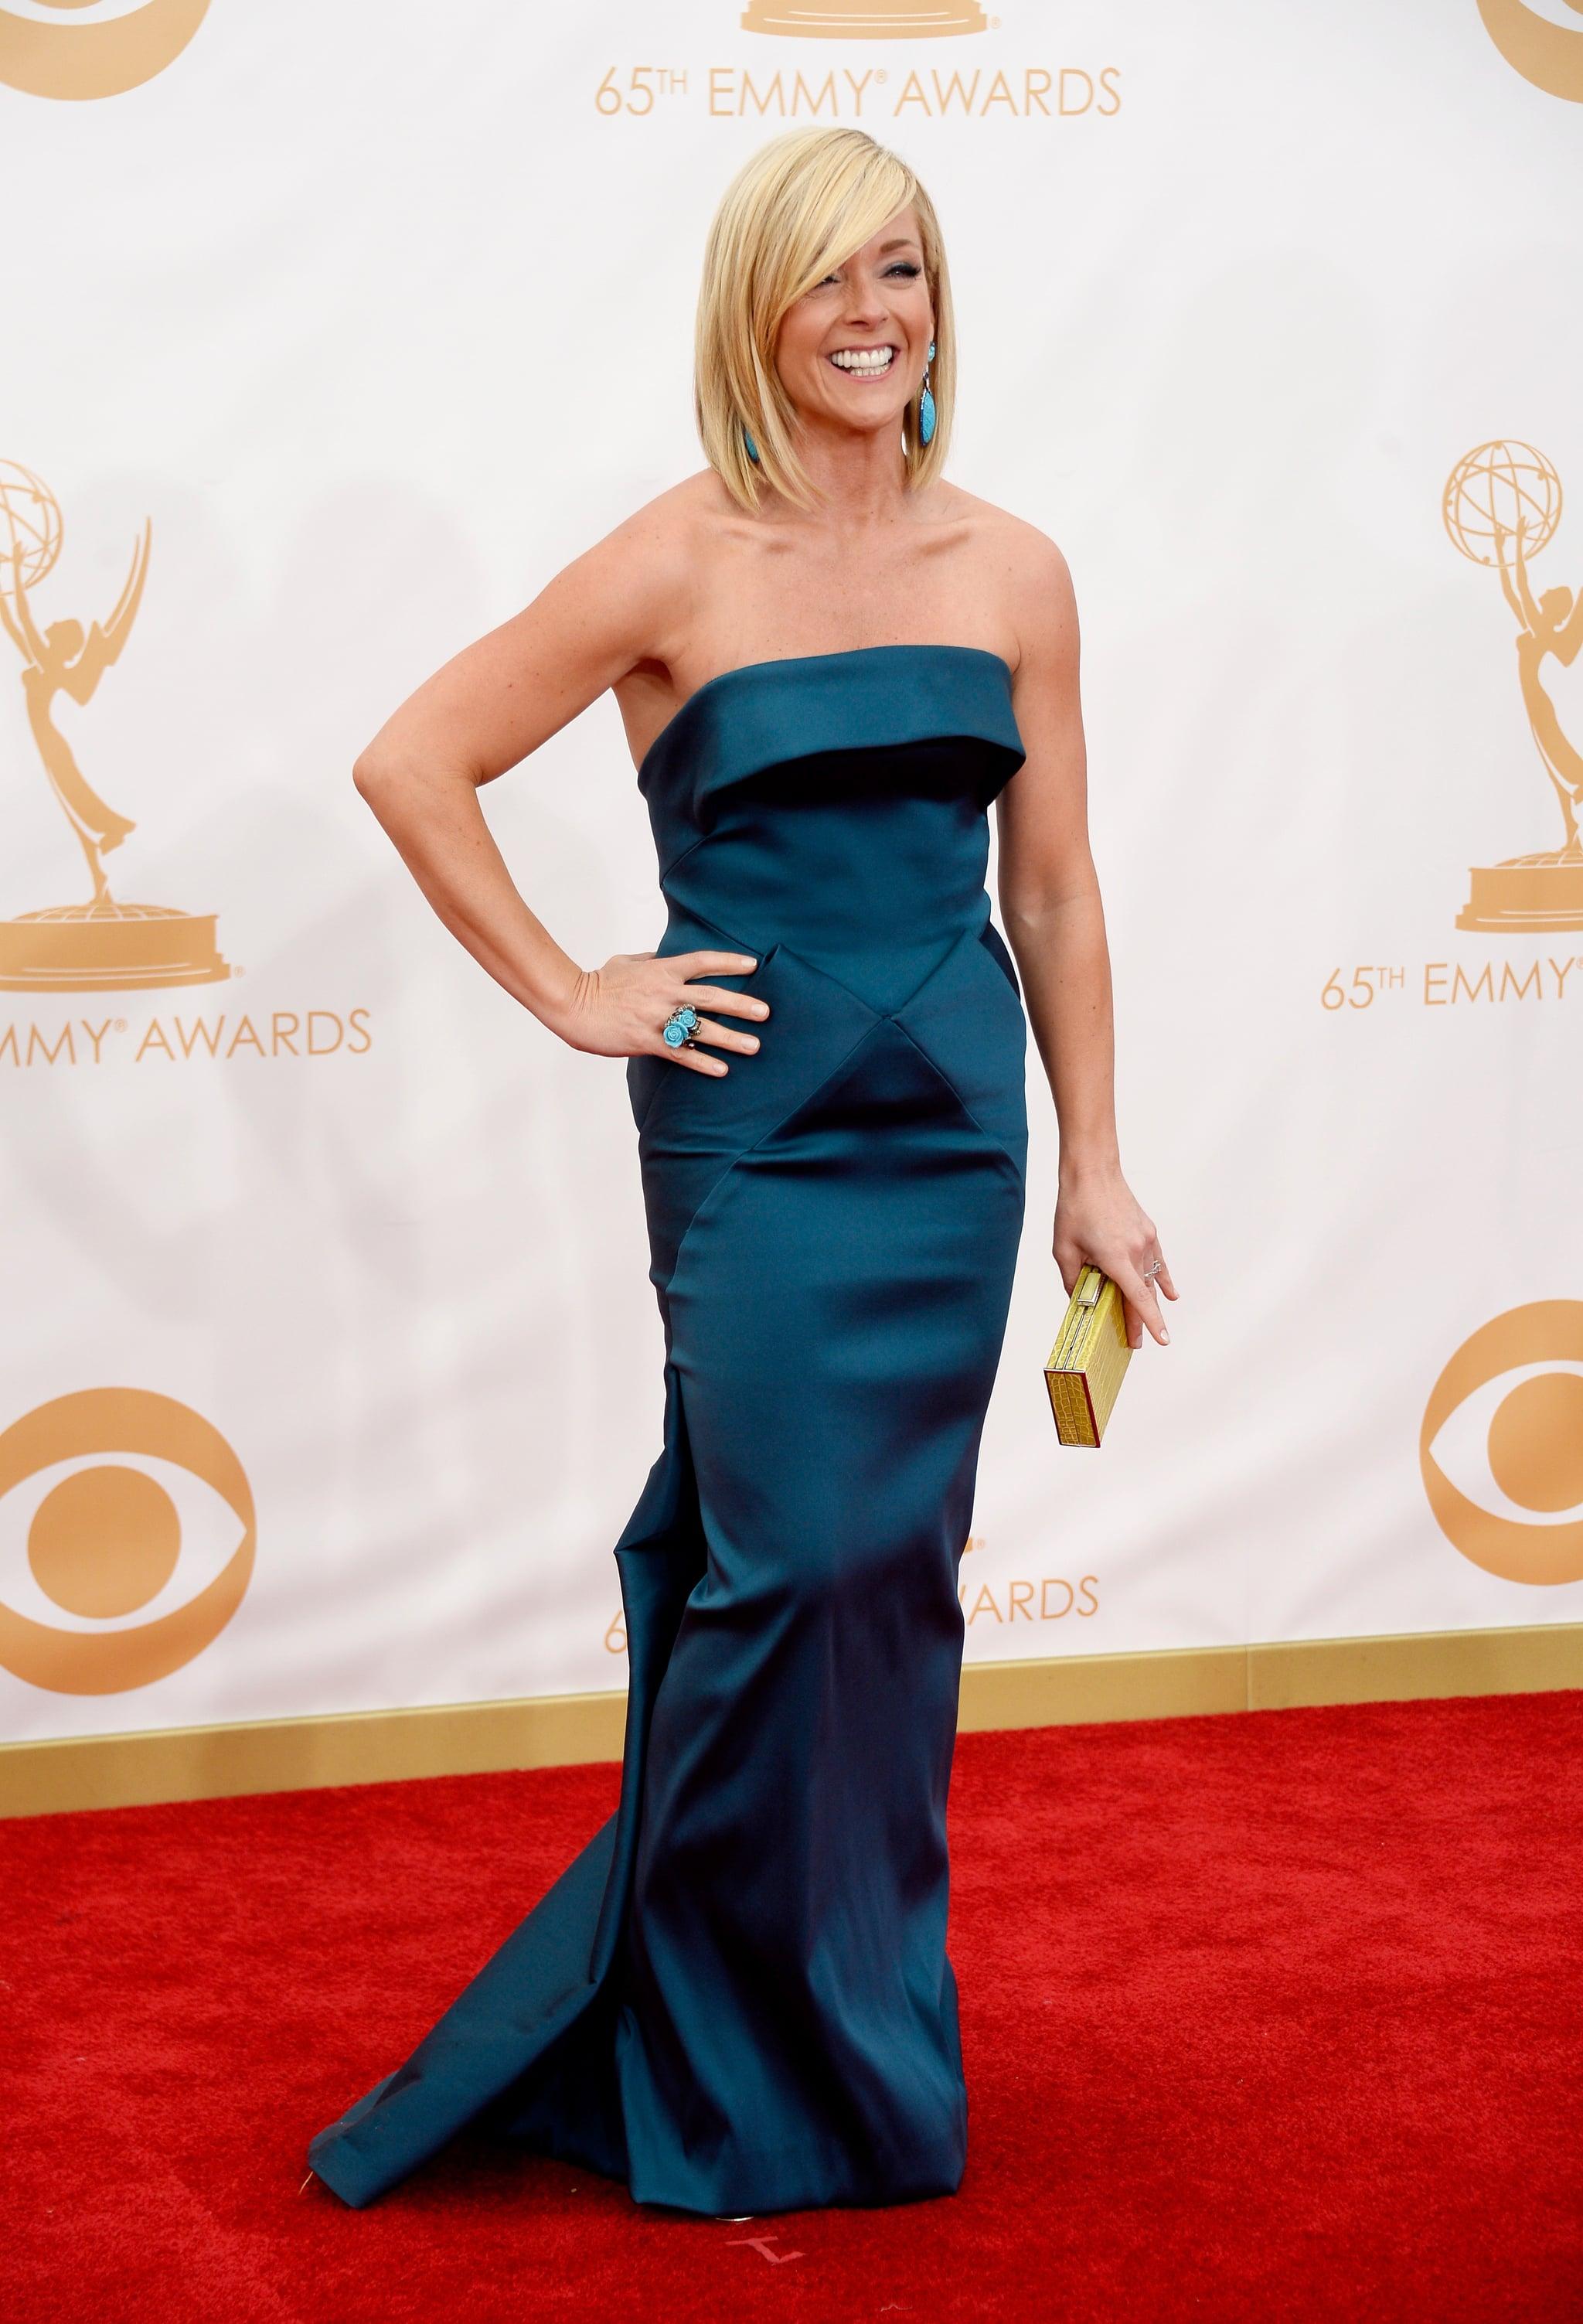 Jane Krakowski struck a pose on the Emmys red carpet.